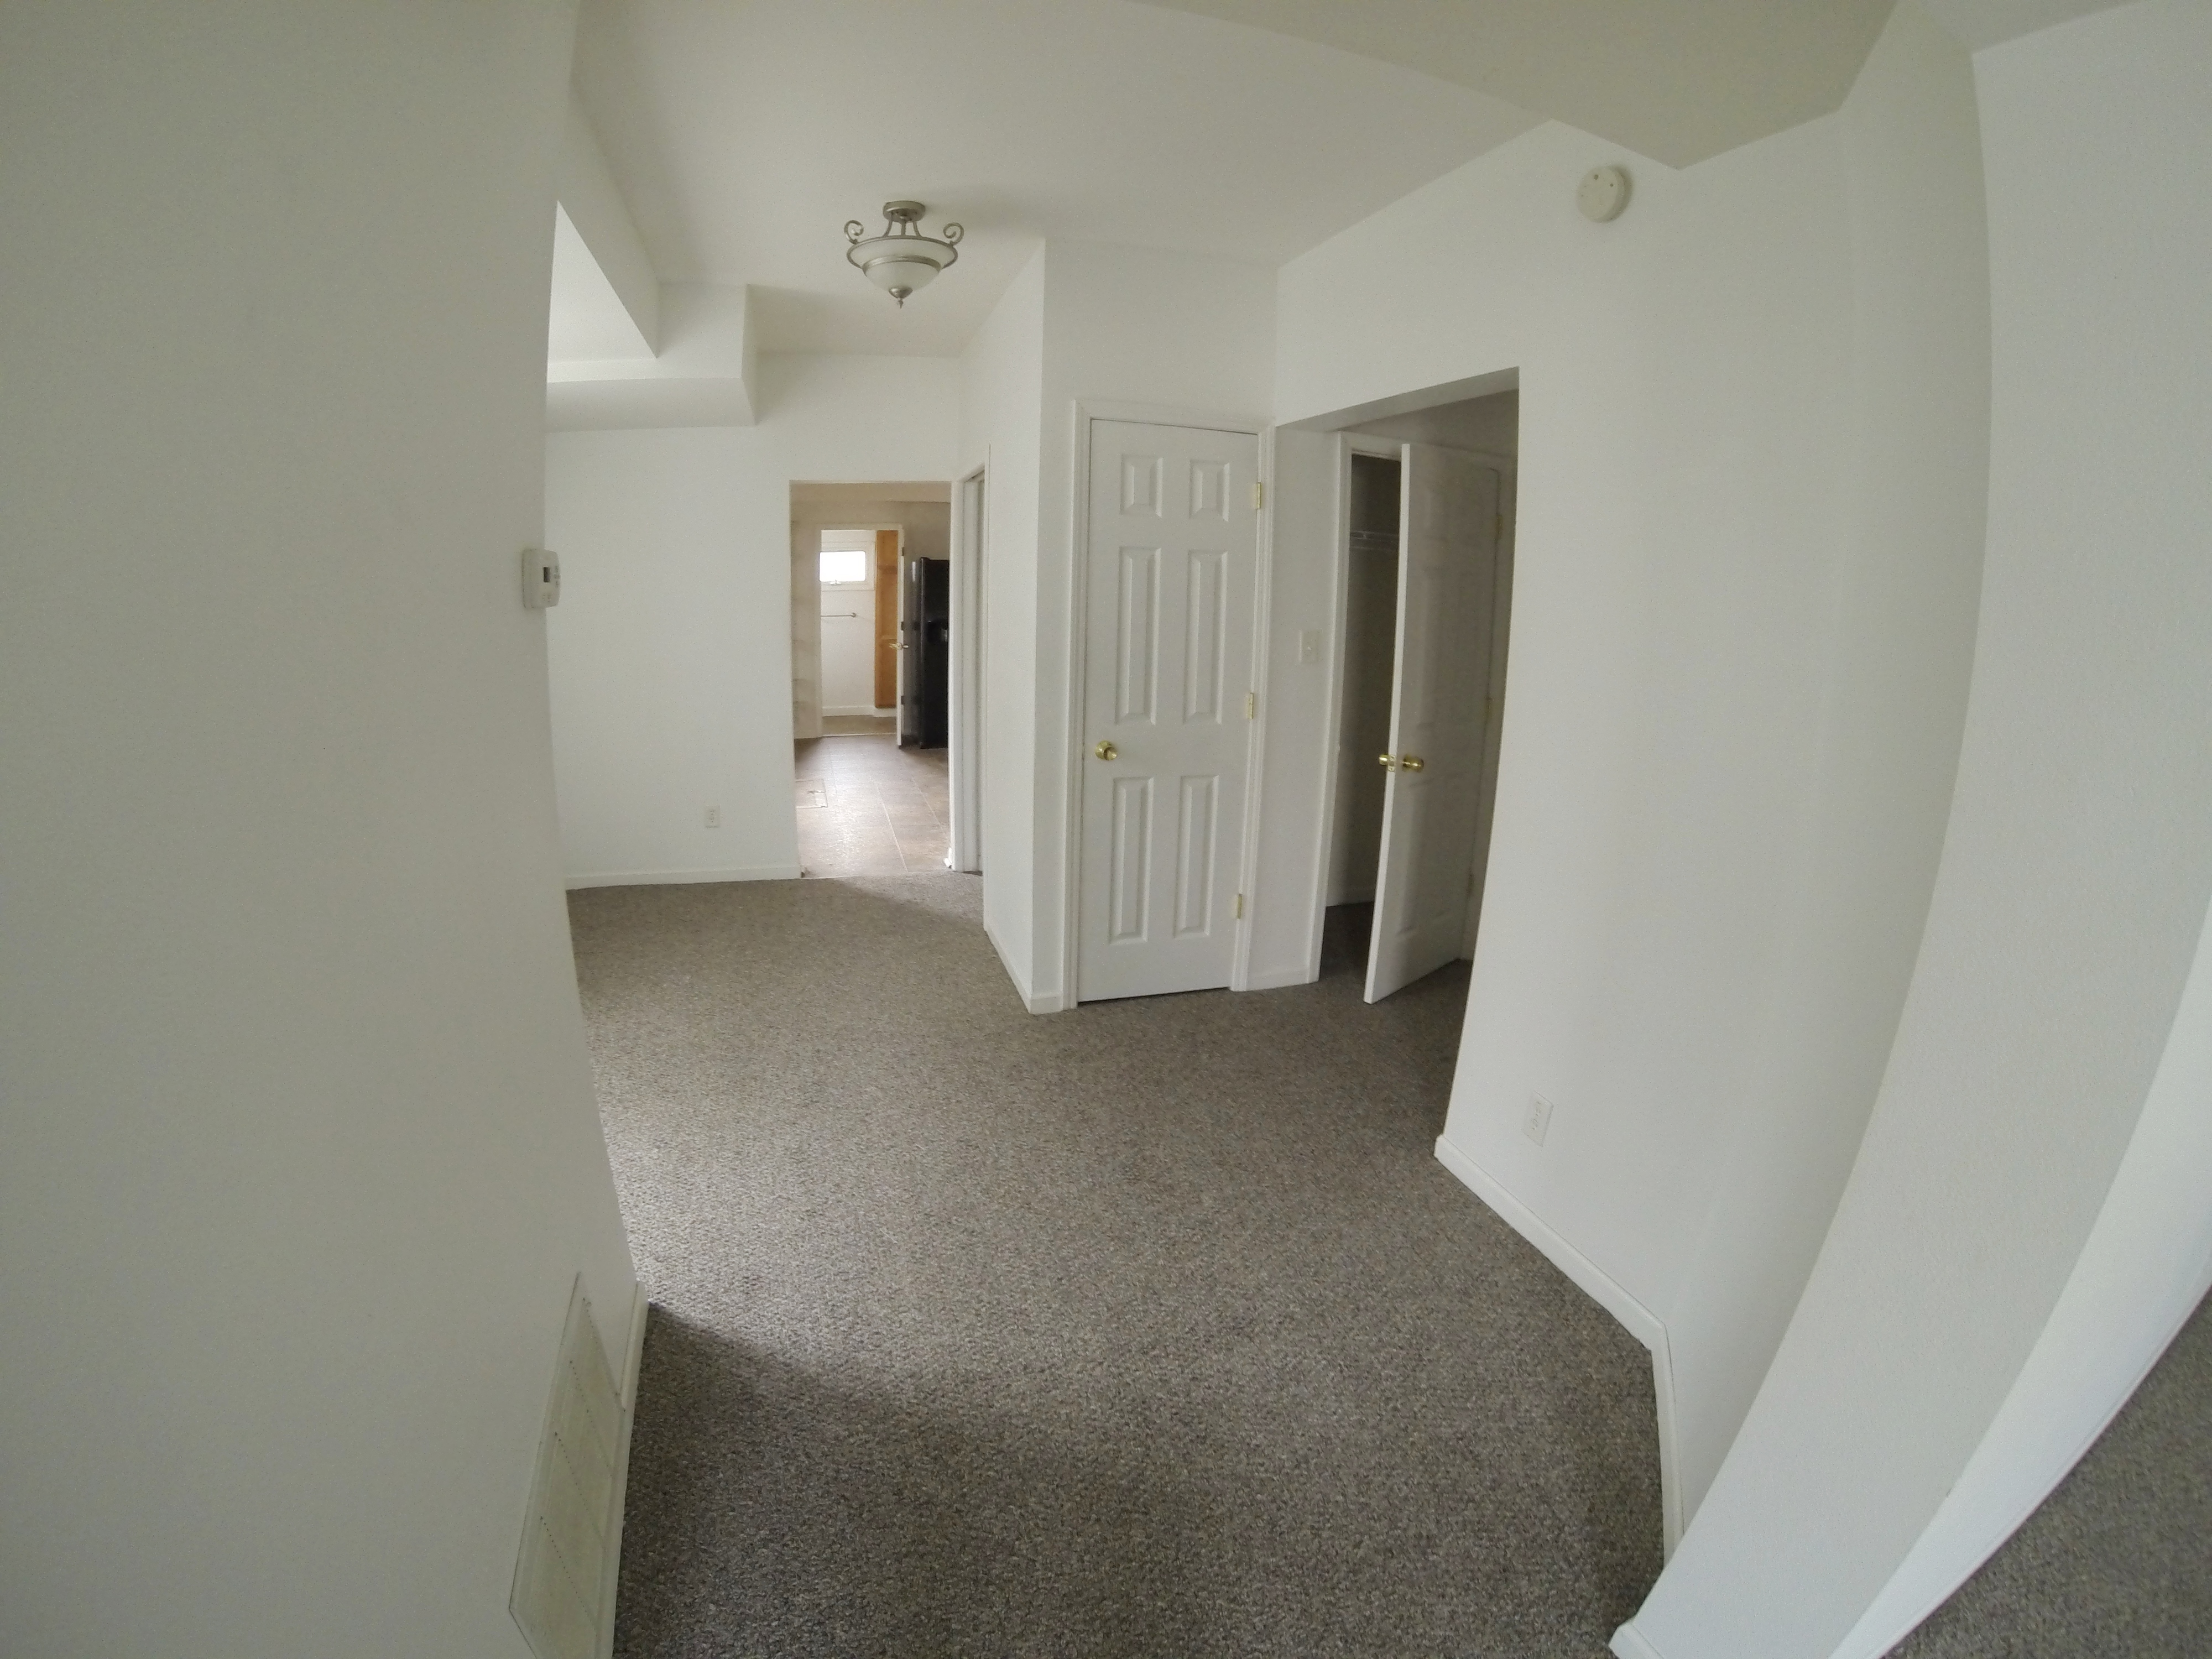 Hallway Between Kitchen and Living Room